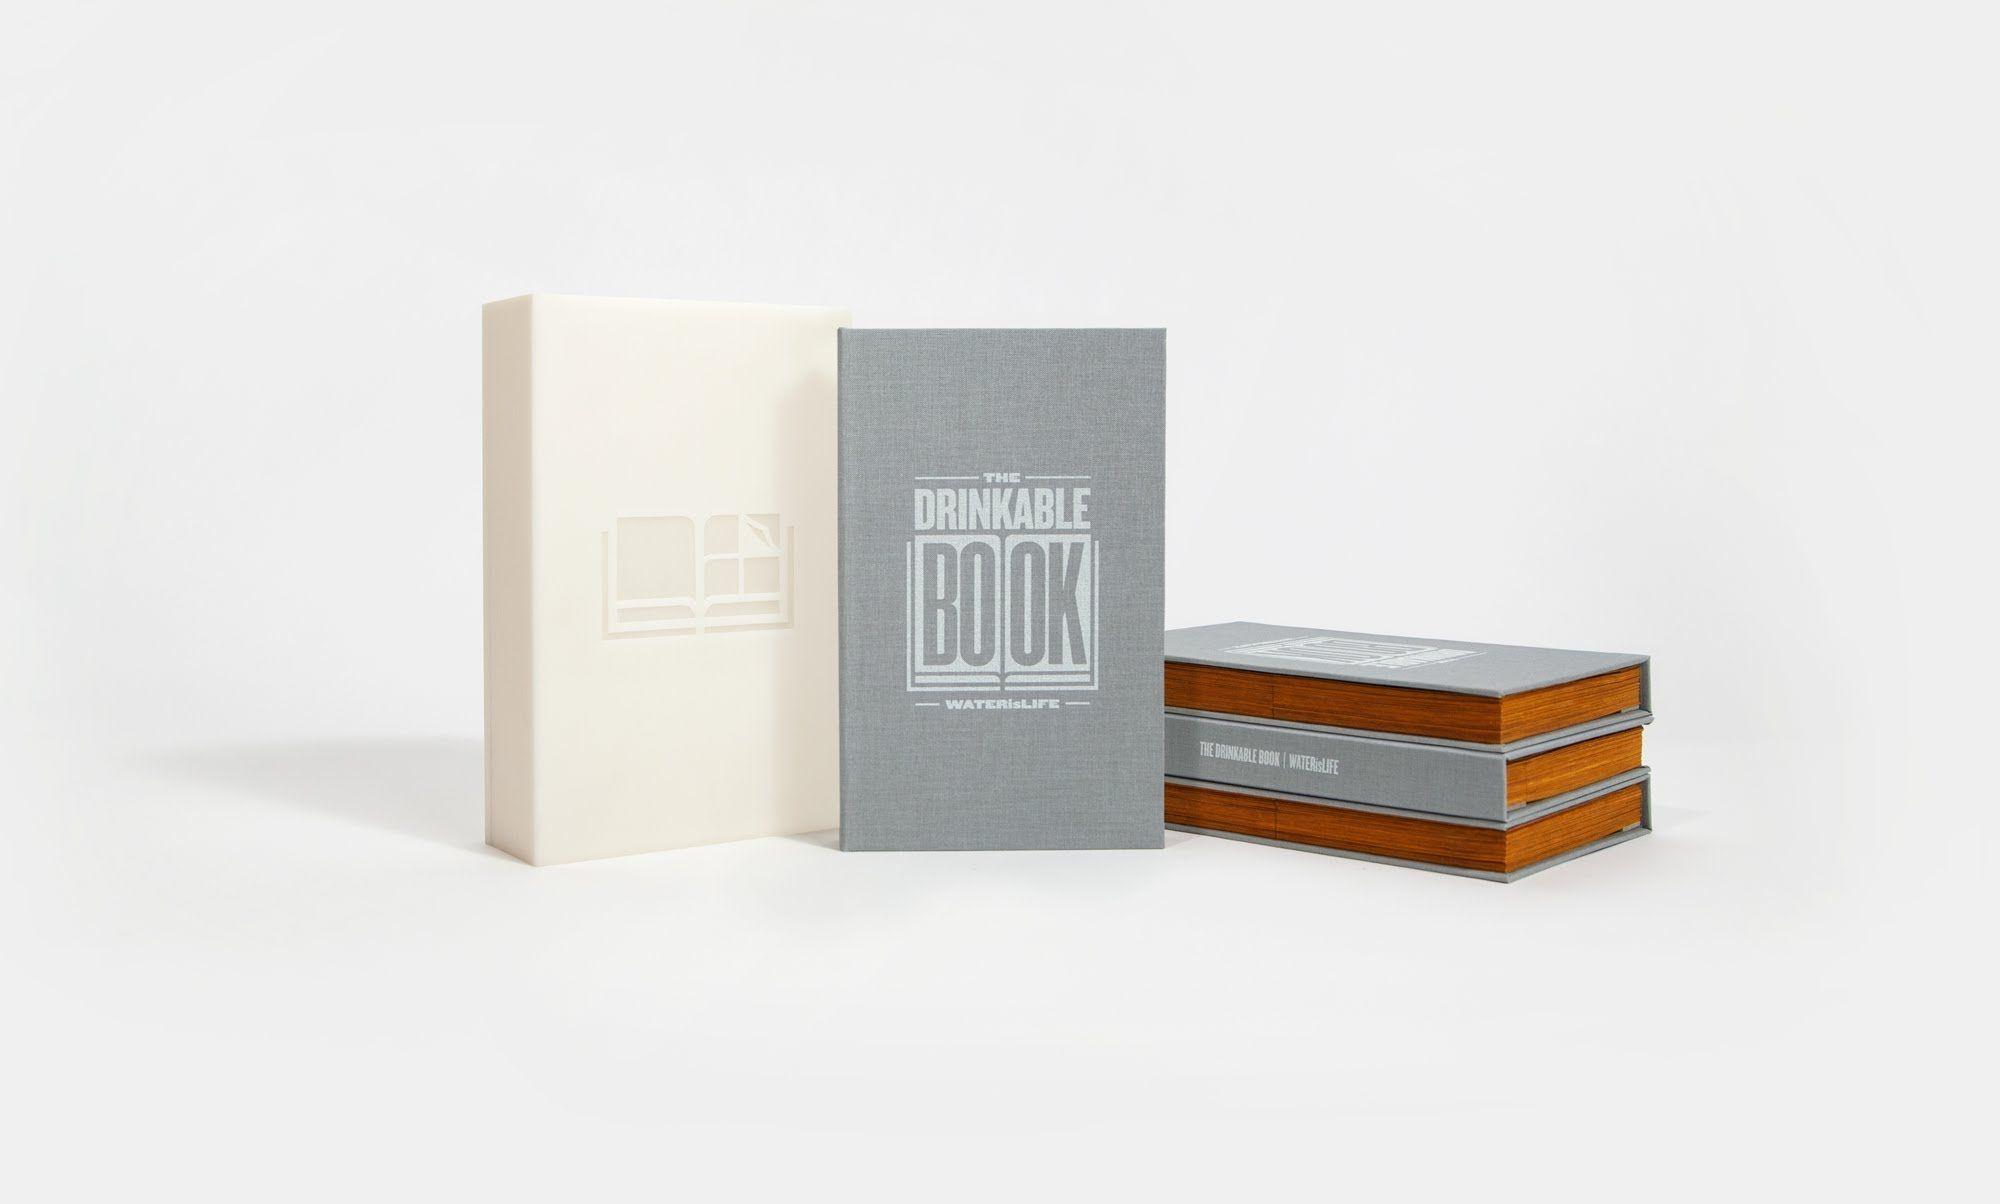 """""""The Drinkable Book"""". Issu d'une collaboration entre l'association Water is Life et le typographe Brian Gartside, cet ouvrage papier apporte ni plus ni moins la possibilité de filtrer une quantité impressionnante d'eau et de la rendre potable."""